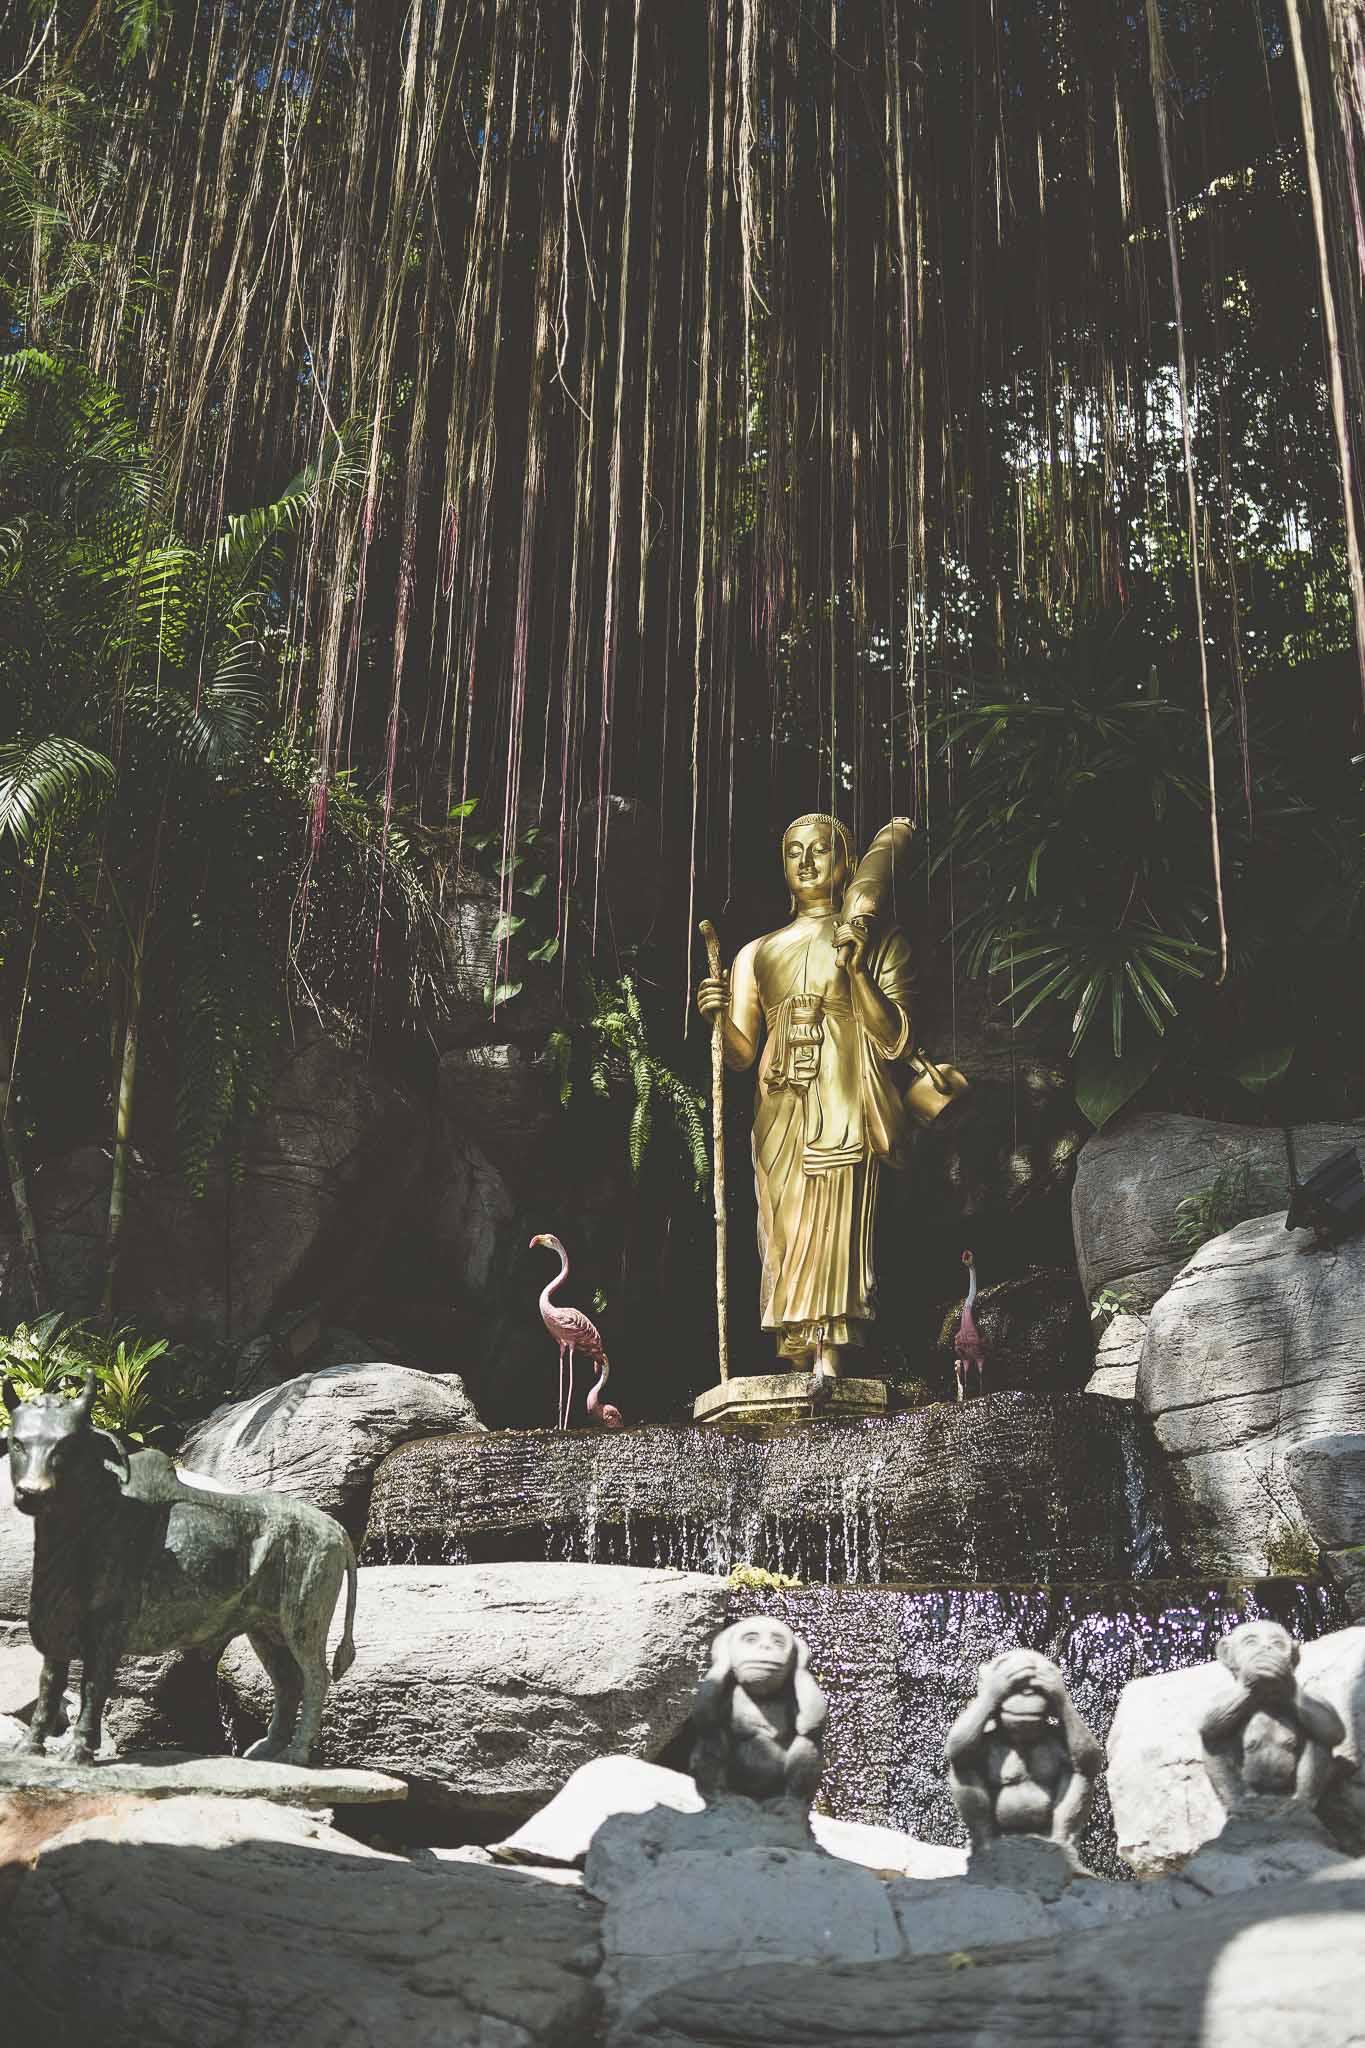 Wat Saket z przepięknymi ogrodami dającymi chwilę wytchnienia w upale